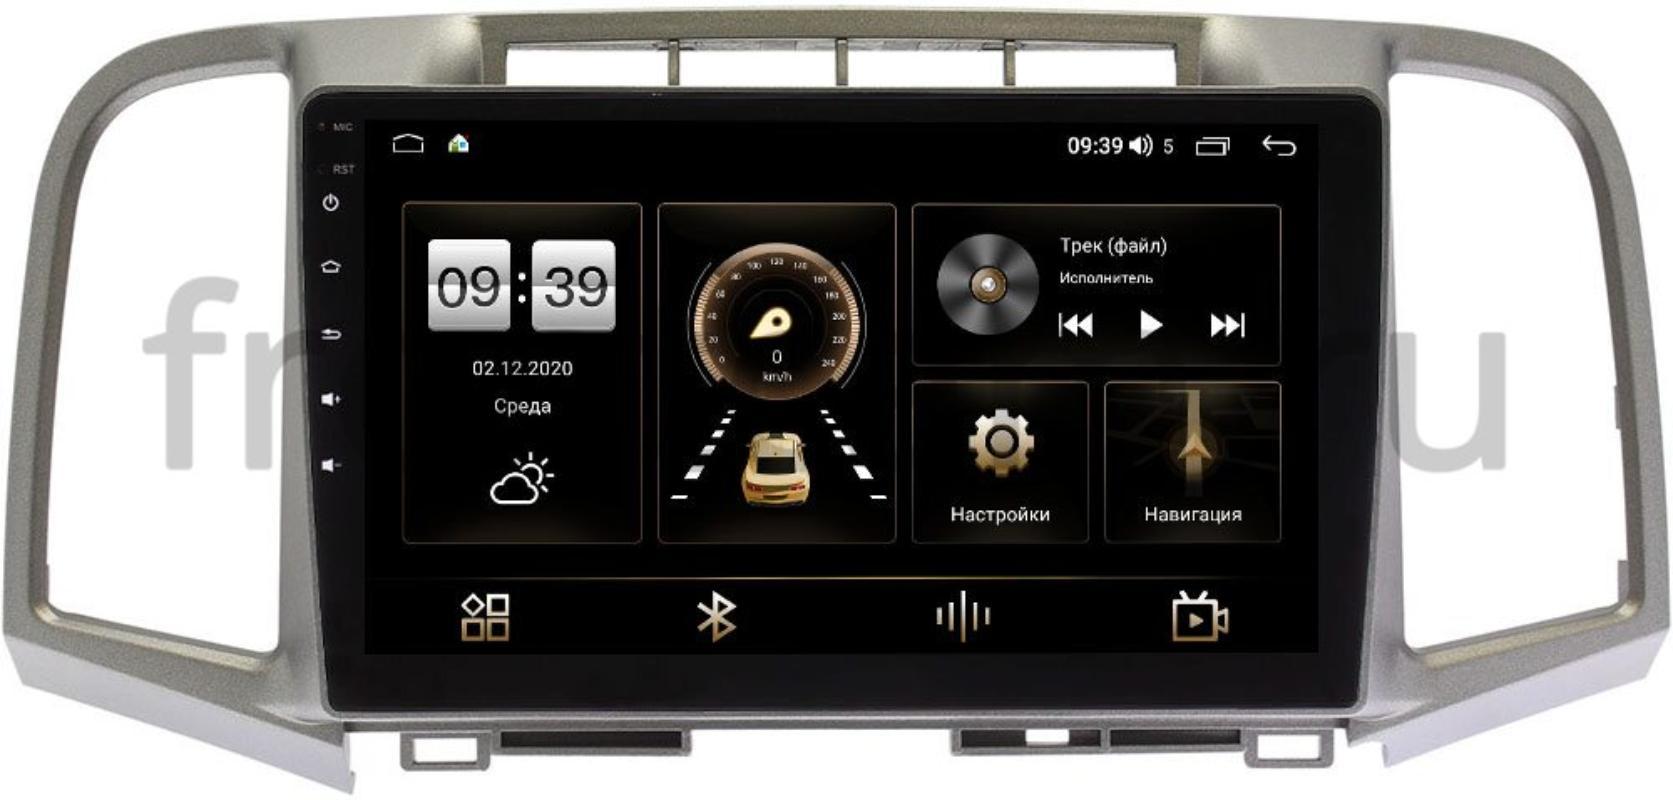 Штатная магнитола Toyota Venza 2009-2017 (с JBL) LeTrun 4166-9359 на Android 10 (4G-SIM, 3/32, DSP, QLed) (+ Камера заднего вида в подарок!)